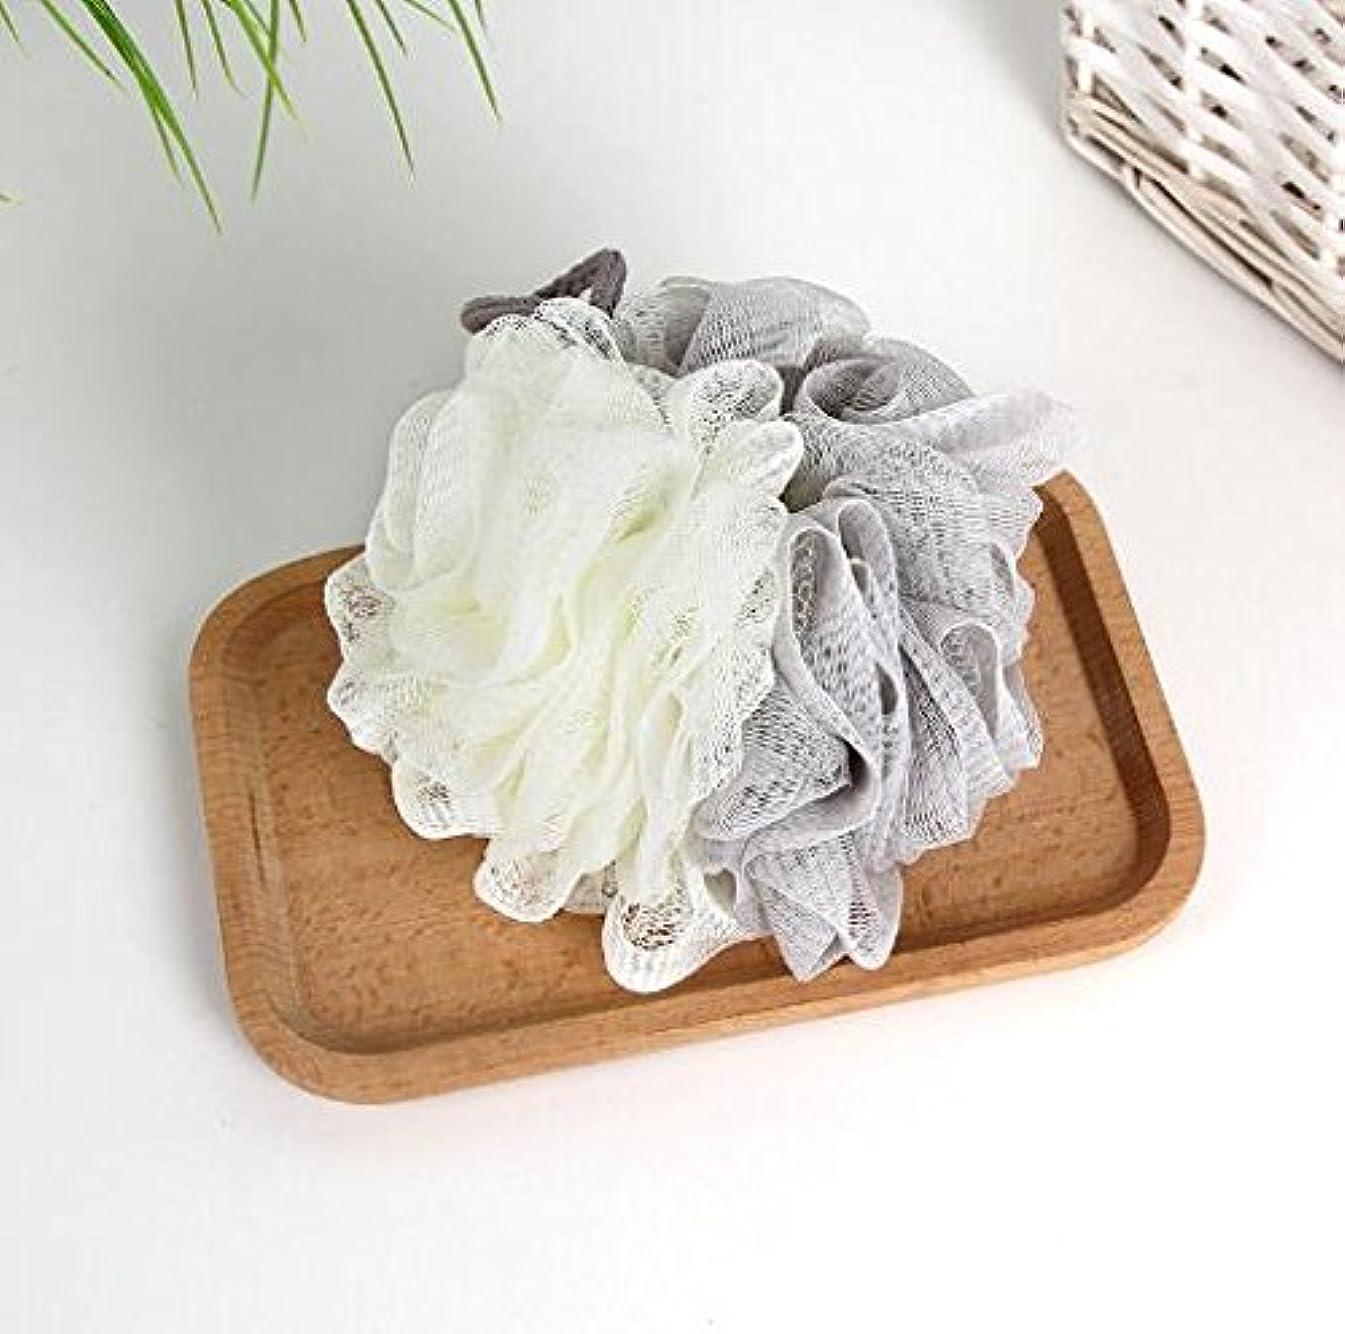 適度に間違っている事実上IBAOBAO 泡立てネット 超柔軟 シャワー用 ボディ用お風呂ボール  浴室用フラワーボール泡立てネットバスボール 細かいネット 柔らかい泡立てネット 花形 グレー